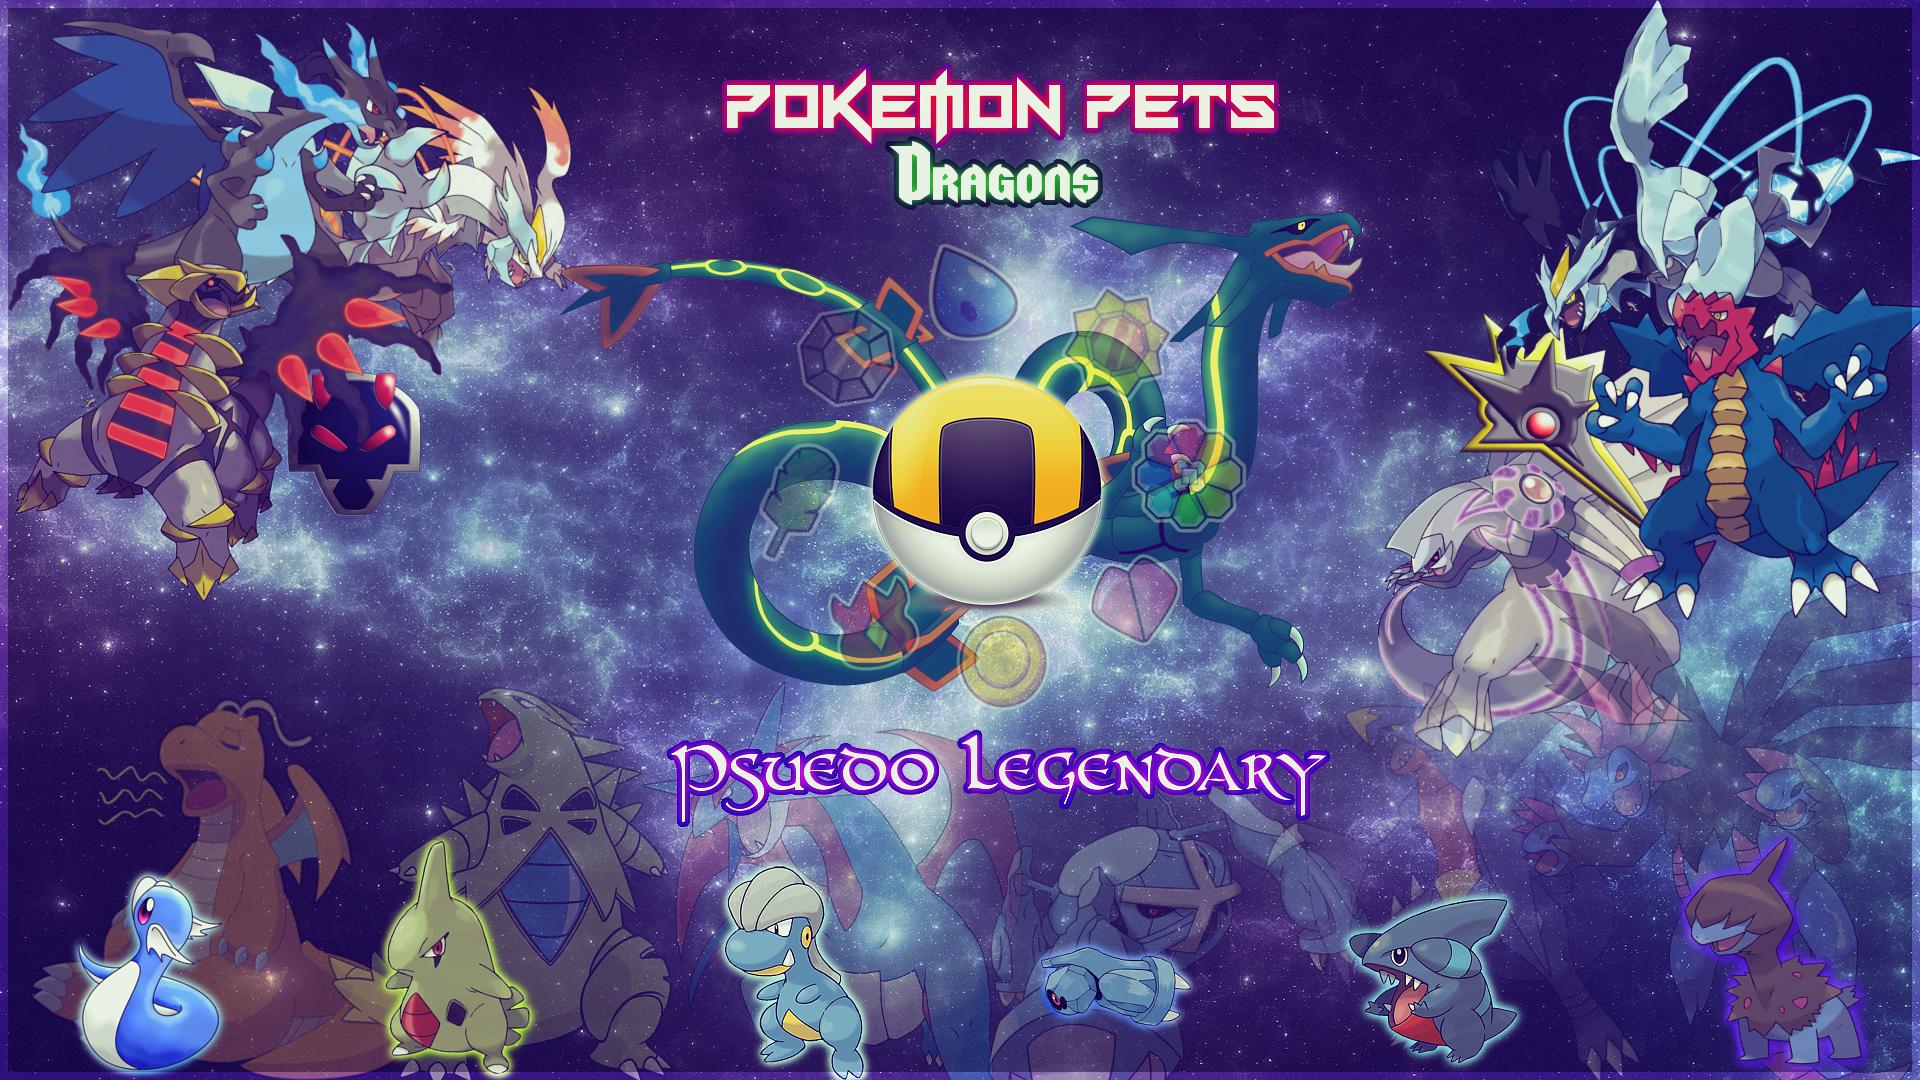 Pokemon Pets Dragon Wallpaper